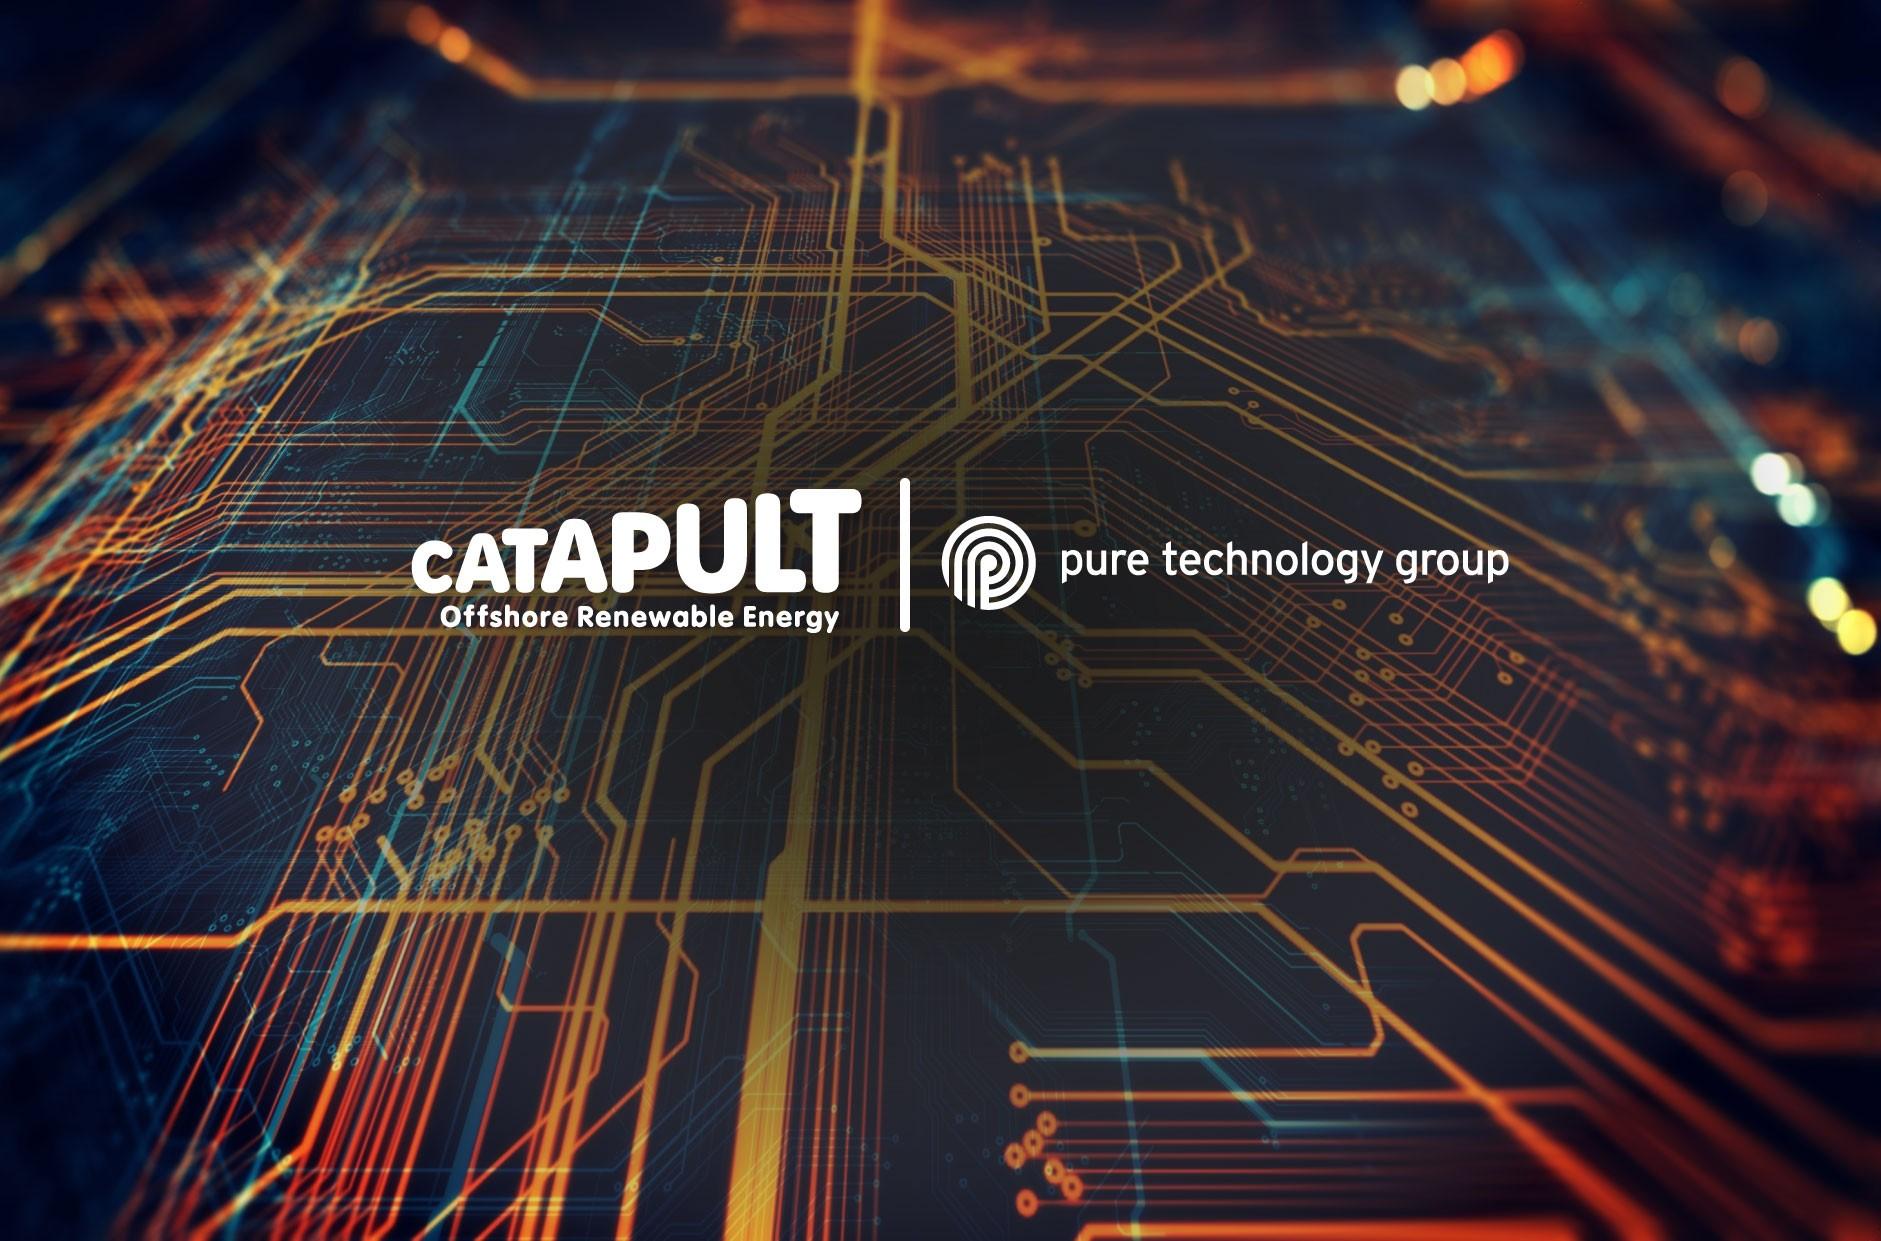 sfw-catapult-graphic-